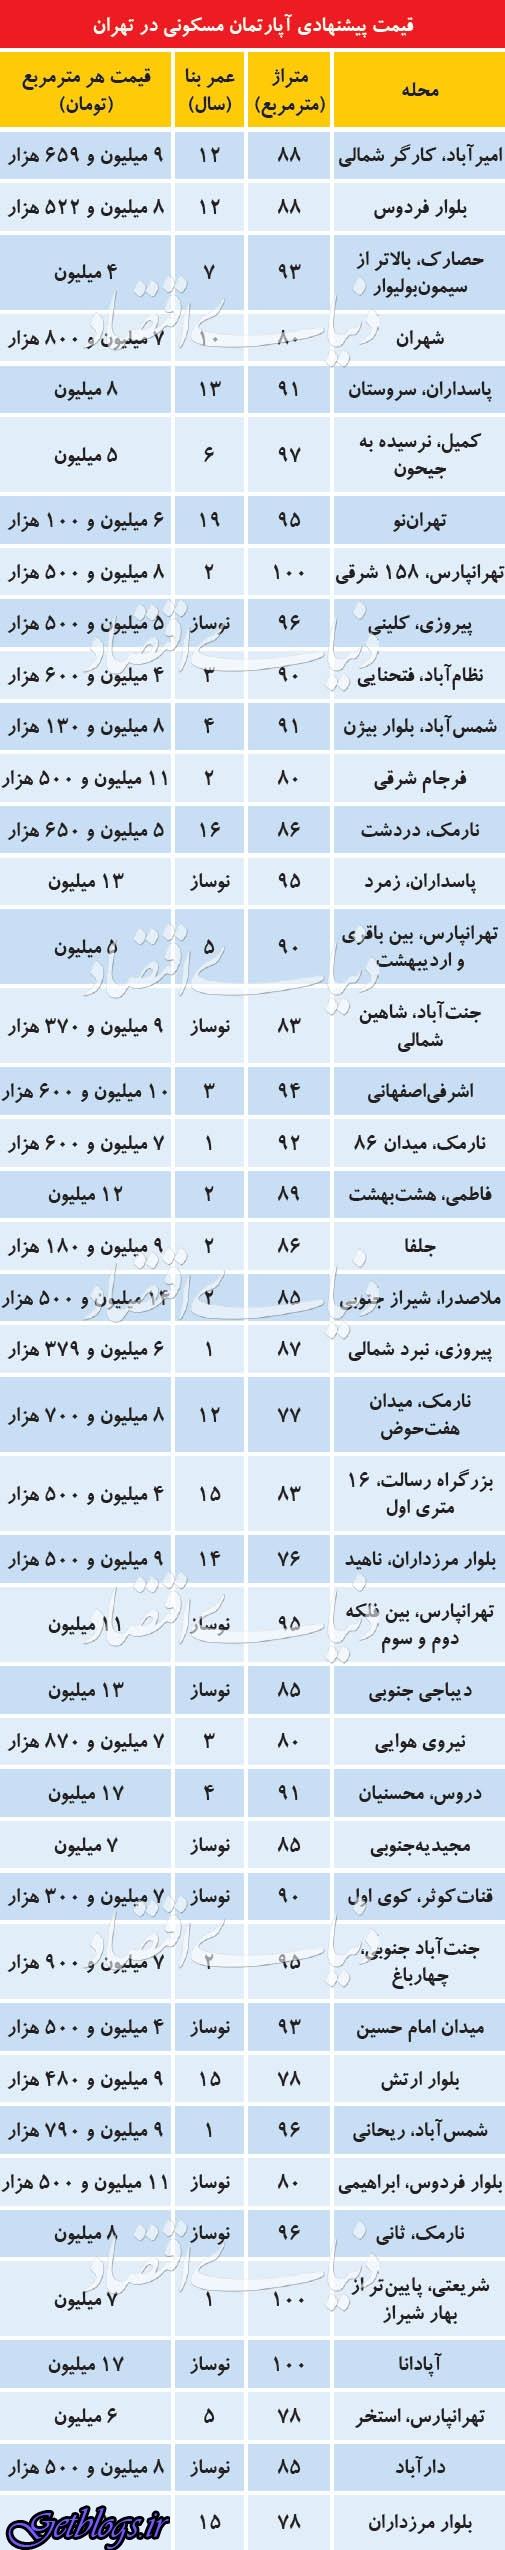 قیمت آپارتمان در مناطق متفاوت پایتخت کشور عزیزمان ایران